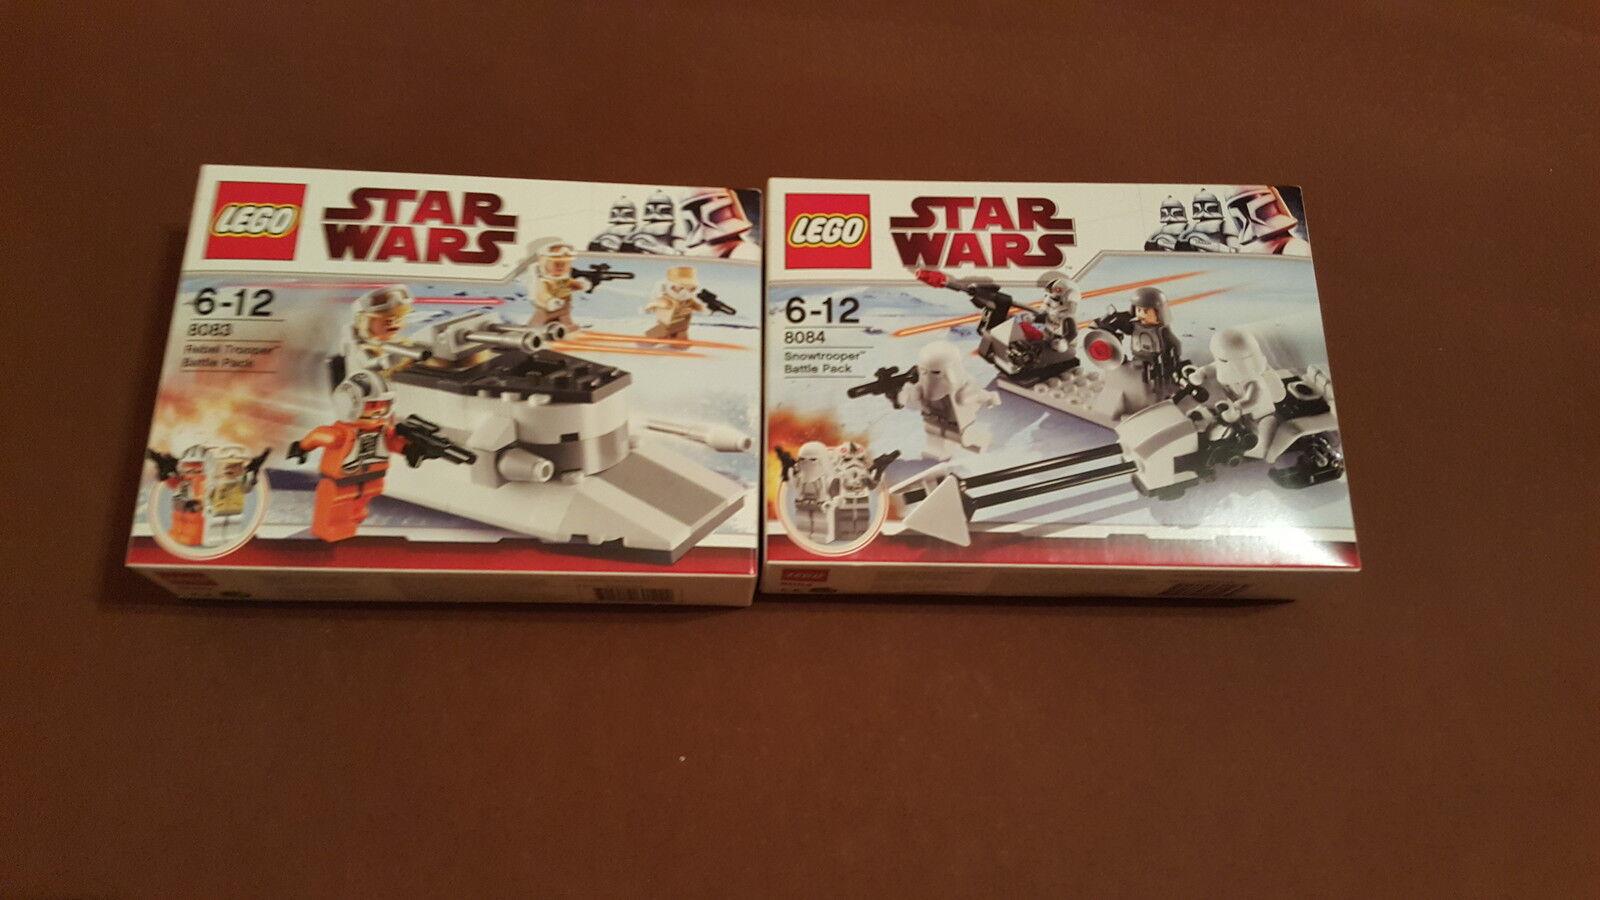 Lego Star Wars 8083 Rebel Trooper Battle Battle Battle Pack + 8084 Snow Trooper Battle Pack 49eef6